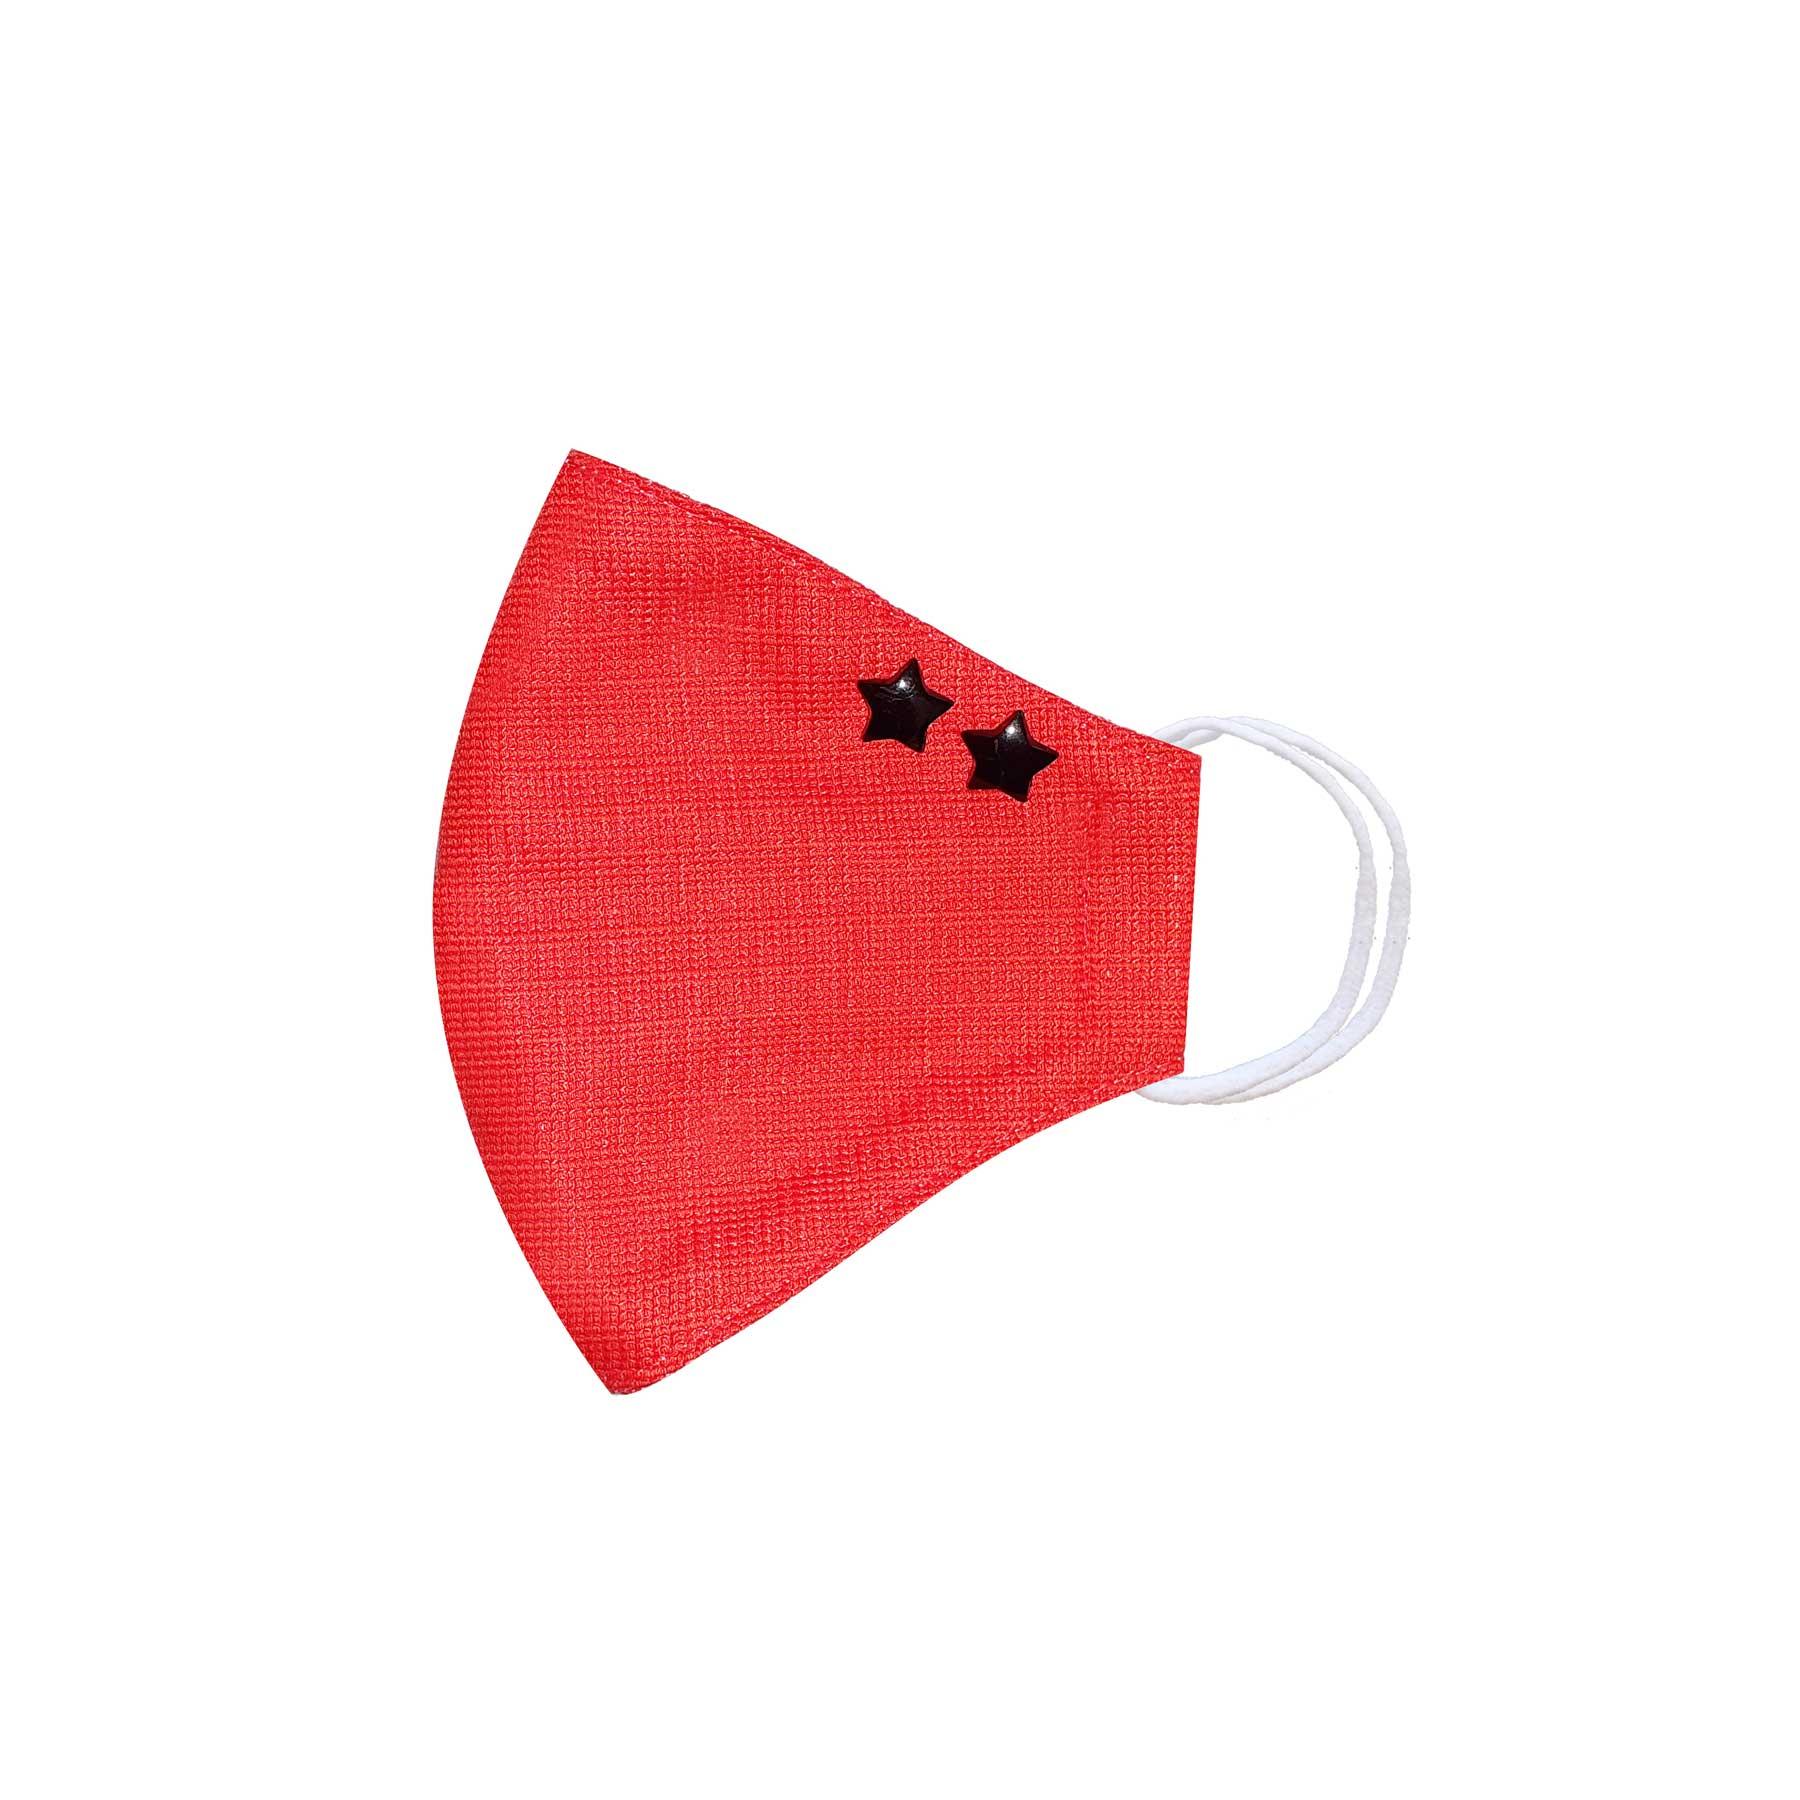 Módní bavlněné ústní roušky tvarované červené s hvězdičkami, třívrstvé s filtrem a s gumičkami dámské